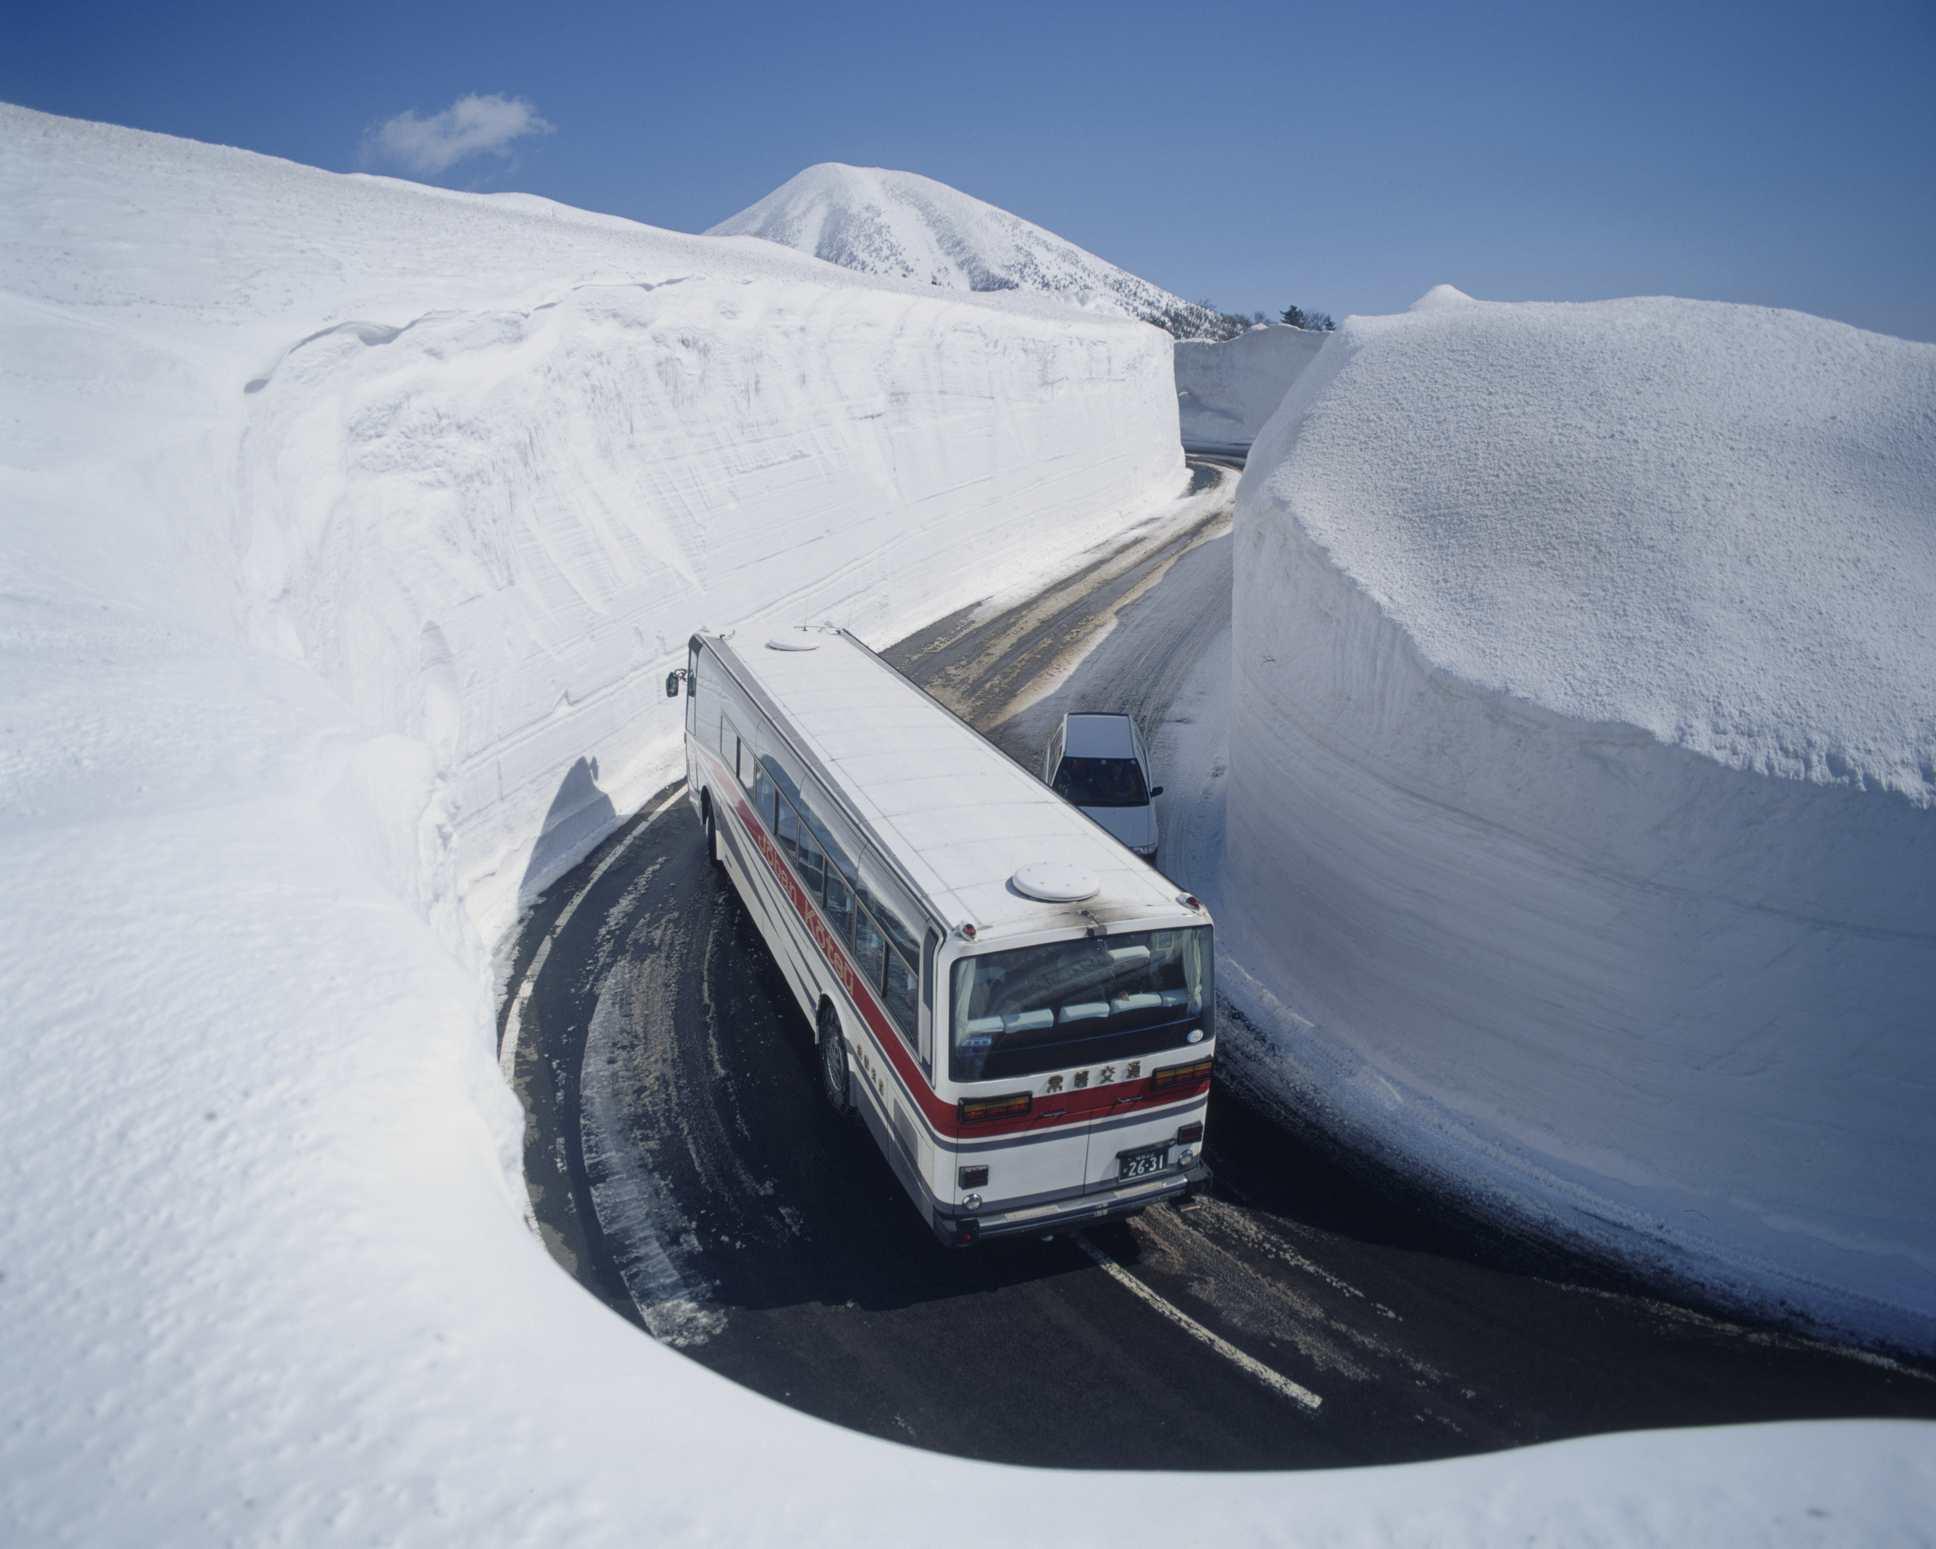 Bus on Snow mountain road, Aomori prefecture, Japan